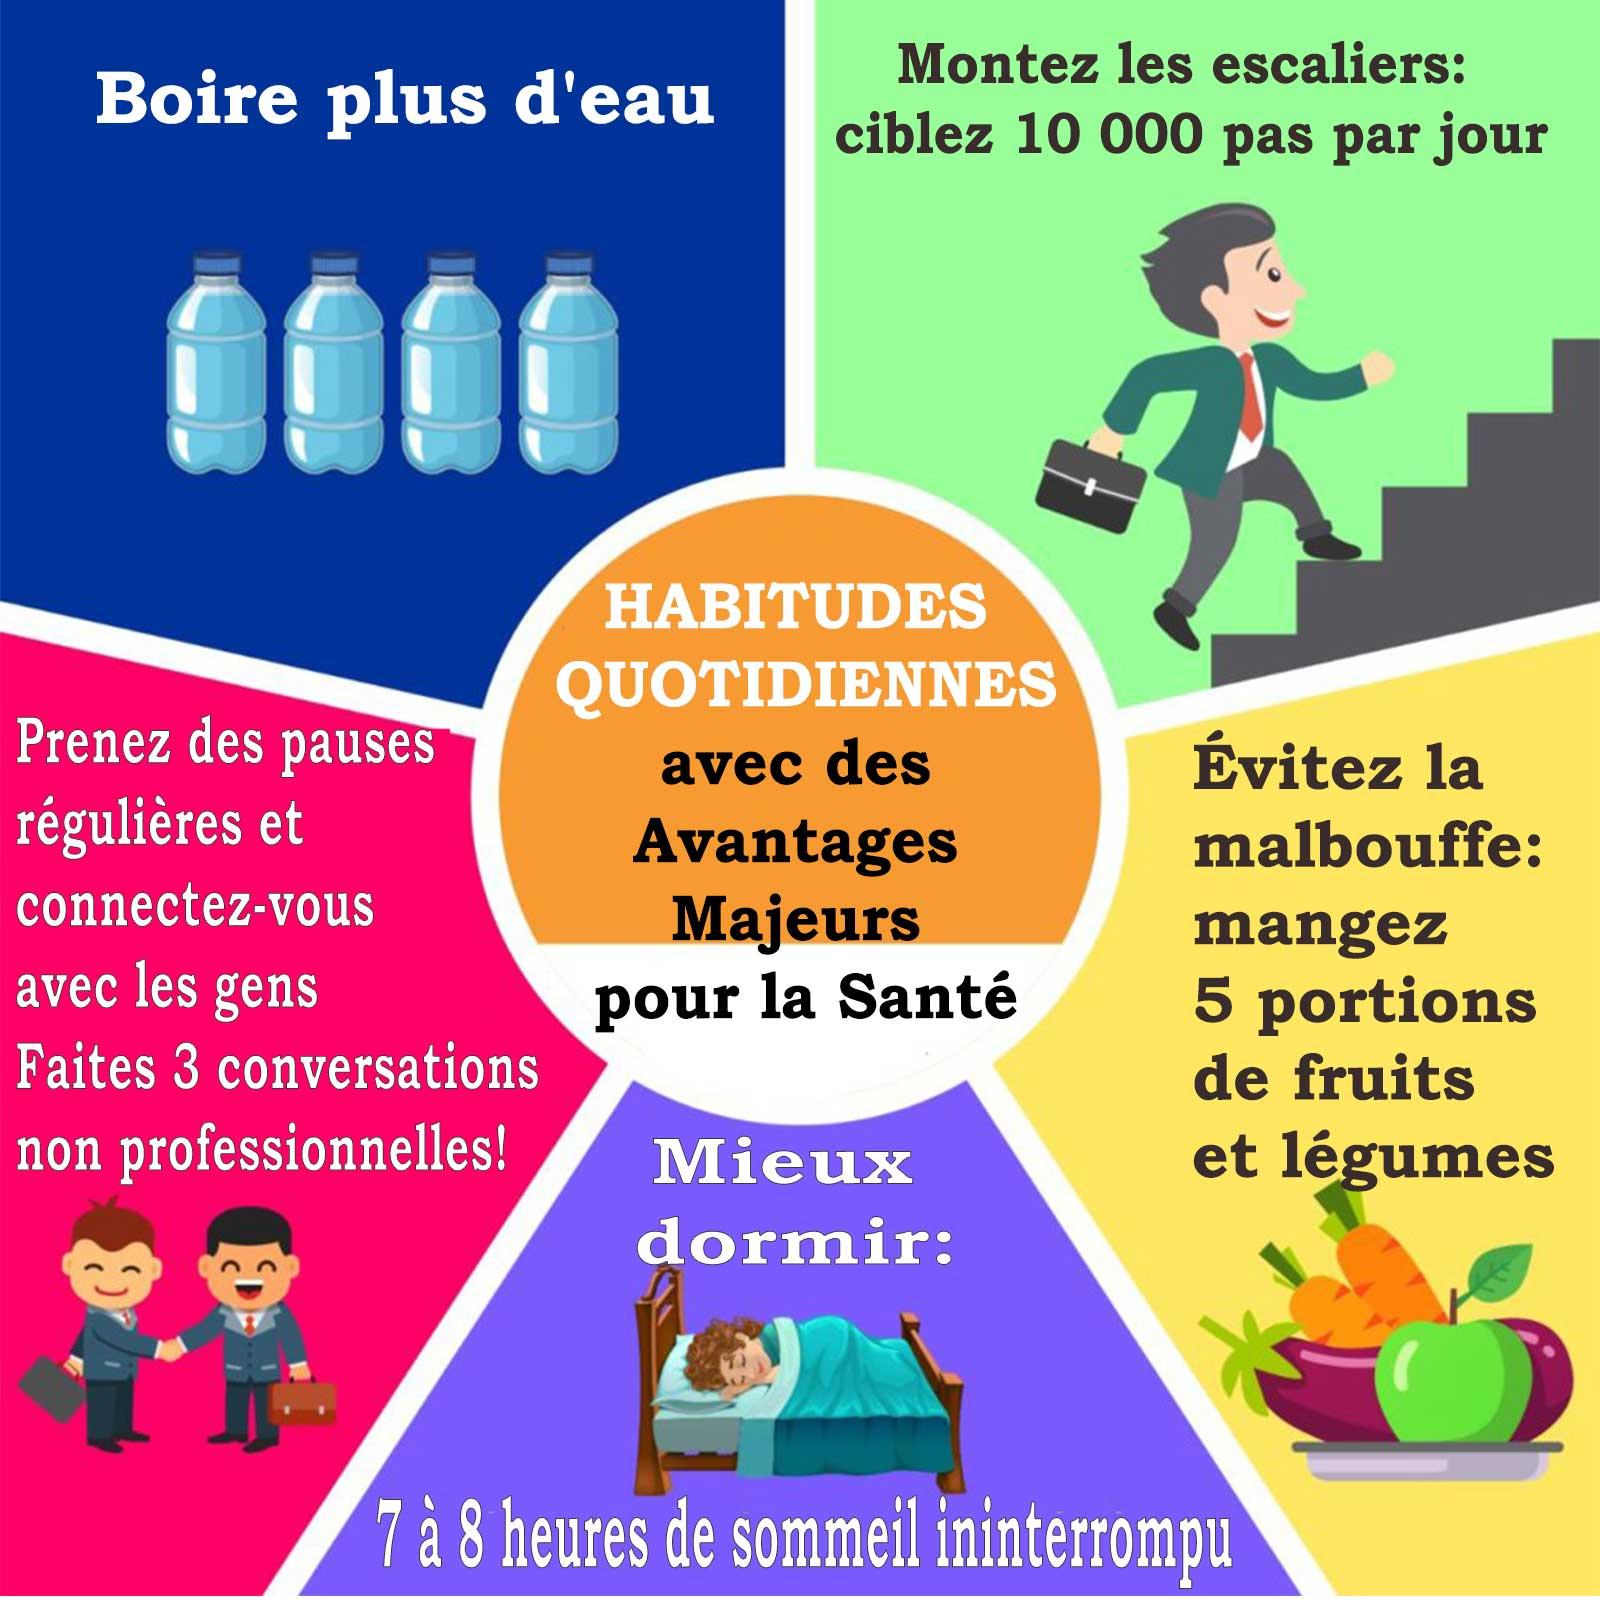 Habitudes quotidiennes avec des avantages majeurs pour la santé